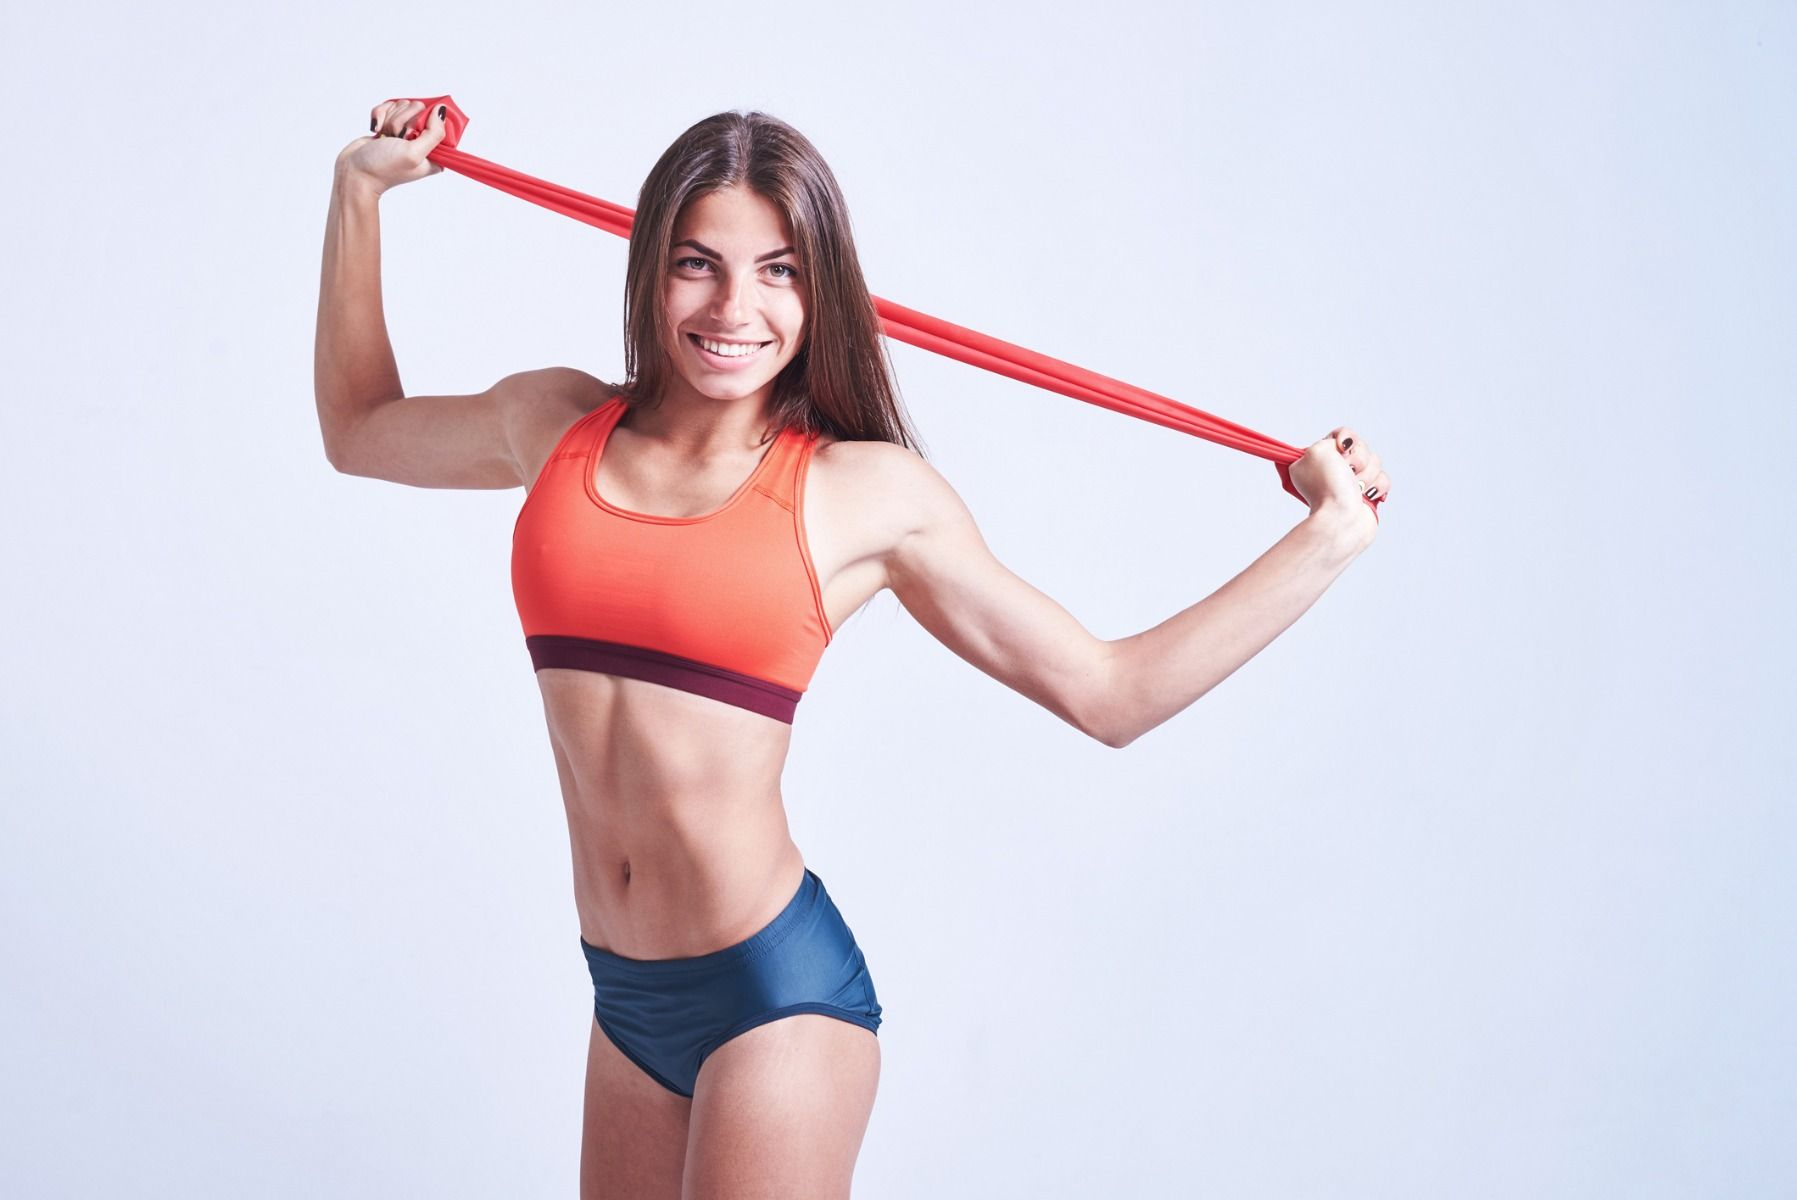 33 ćwiczenia z gumą oporową, którą możesz robić wszędzie